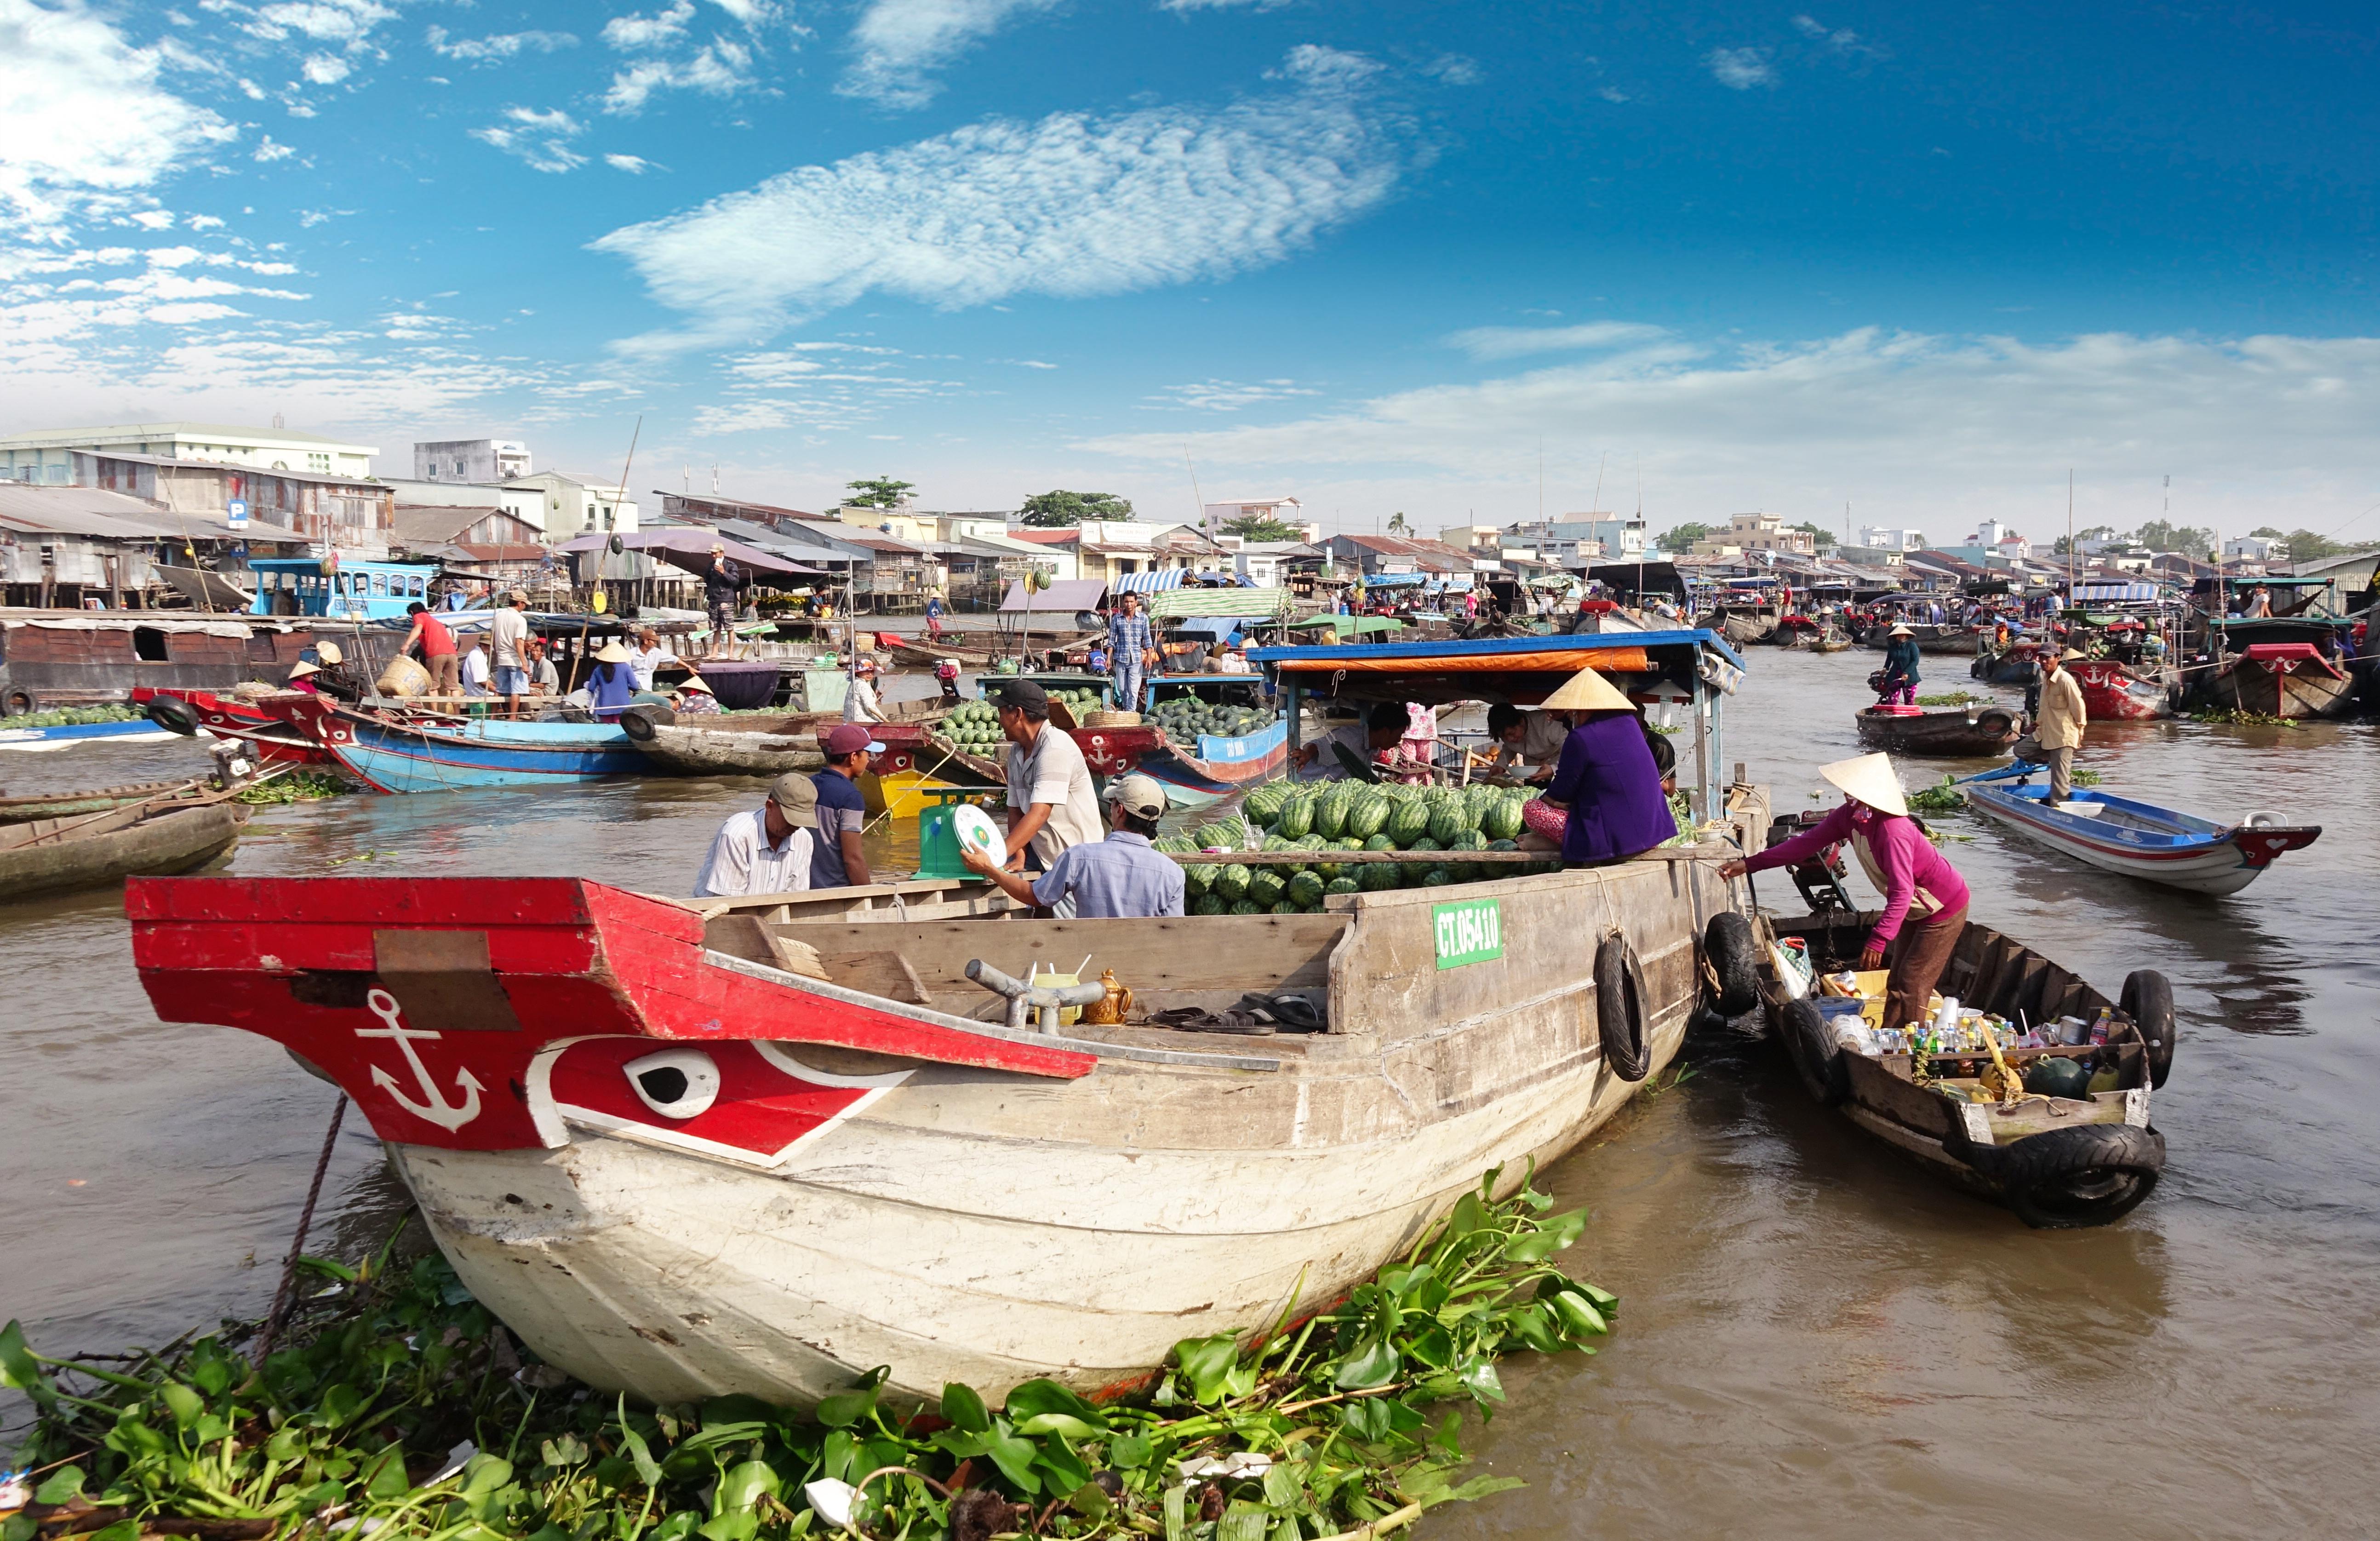 L'authentique marché flottant de Cai Rang